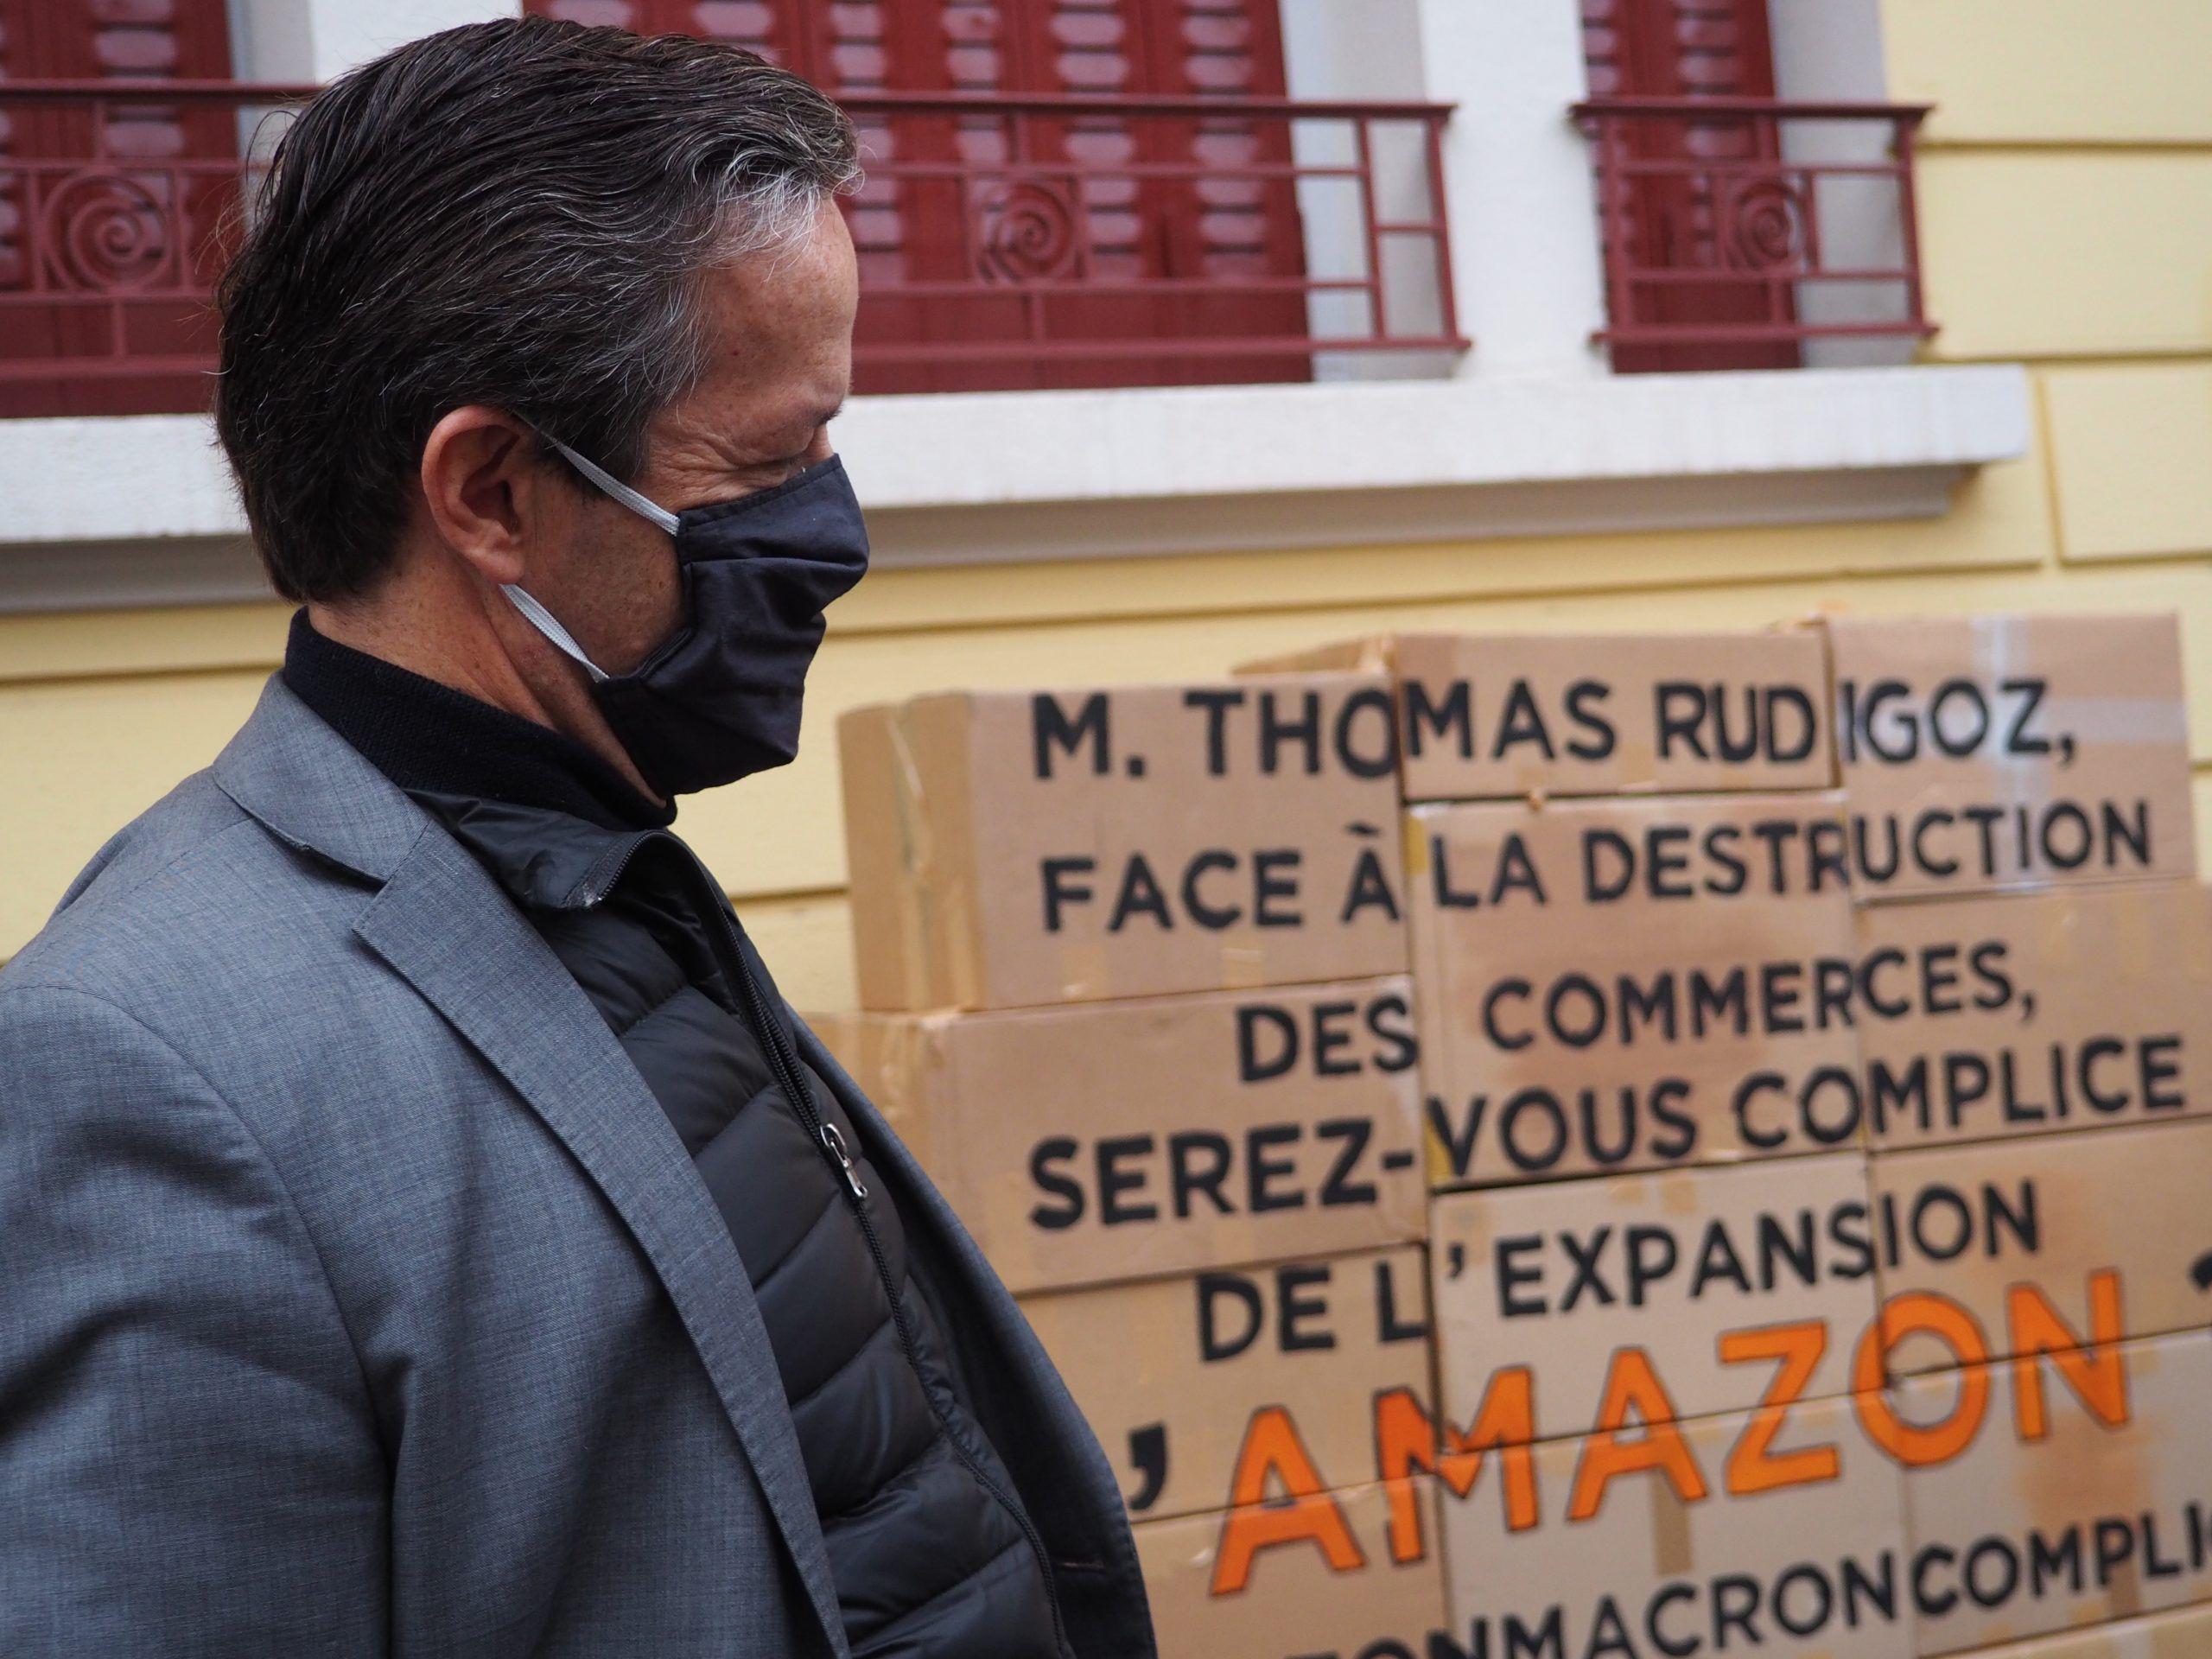 Le député thomas rudigoz écoute les militants d'Alternatiba ANV